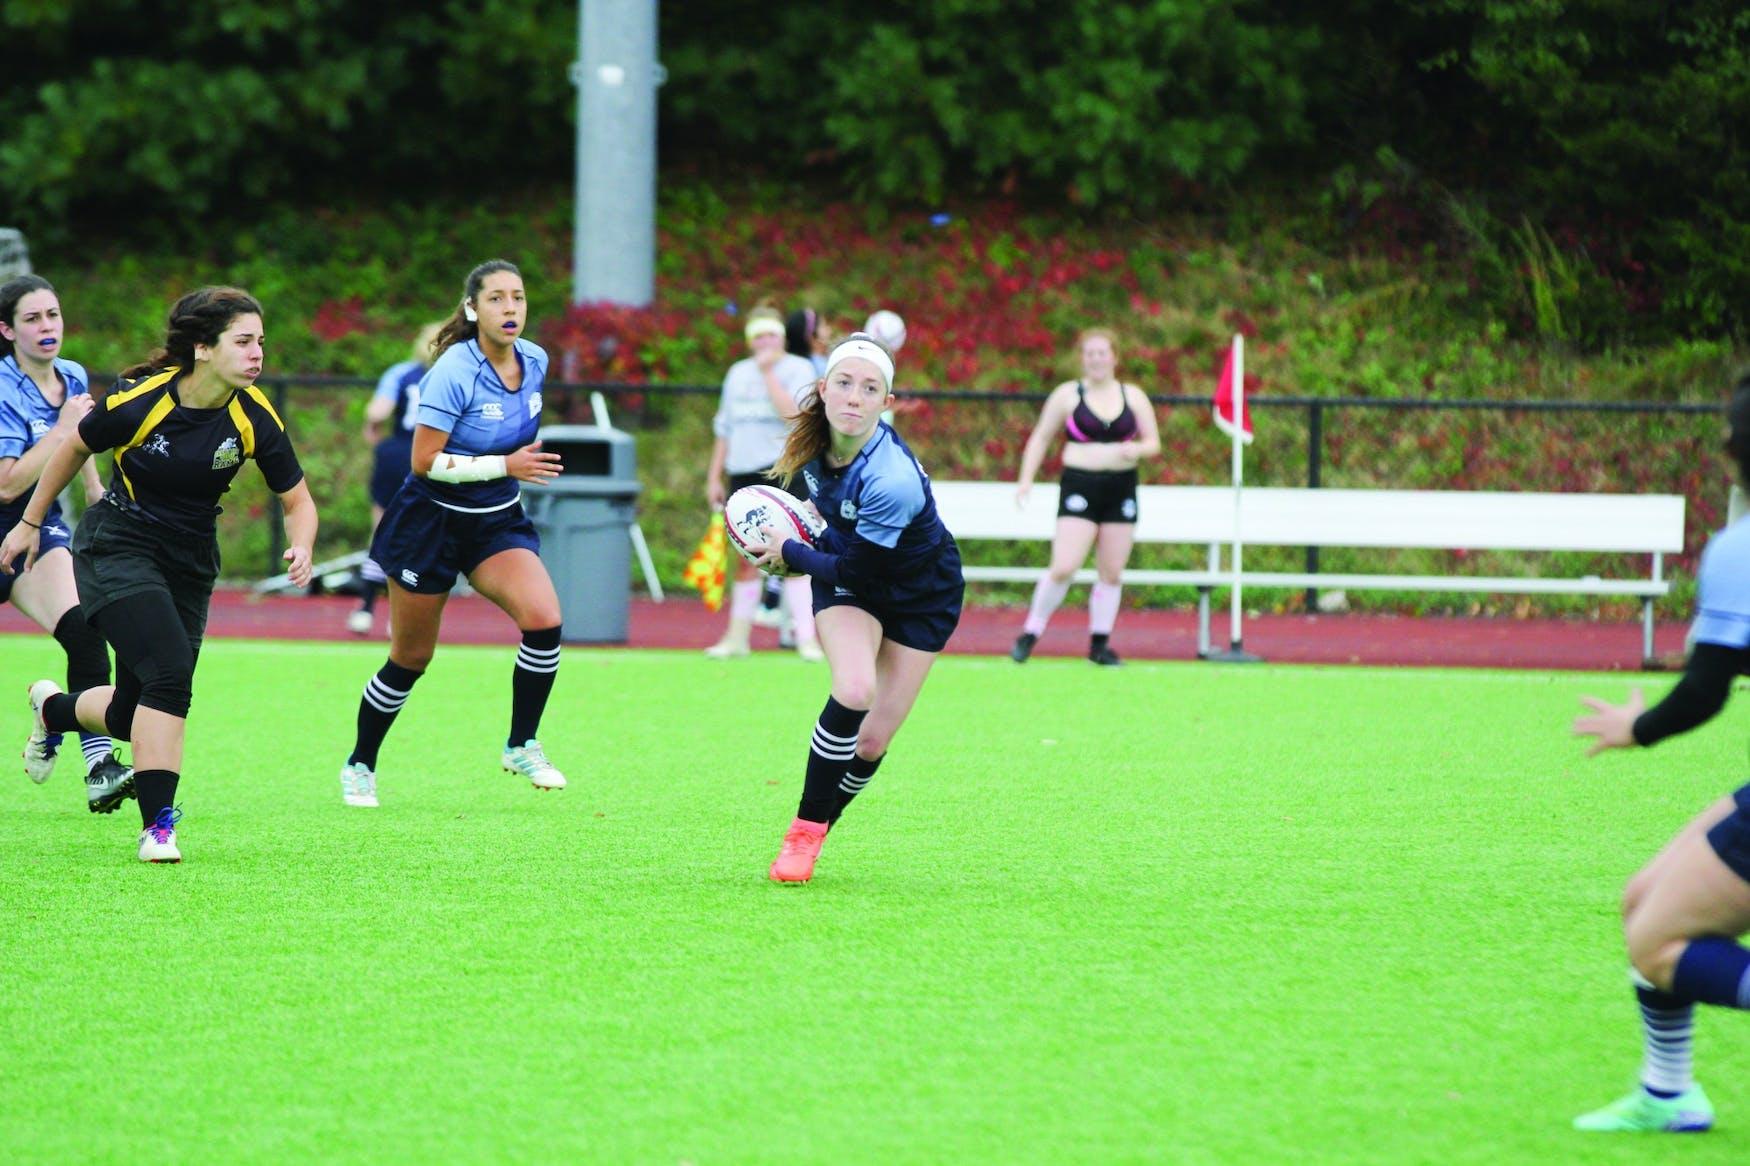 emma-black-22-rugby-w-10-12-19-nz-0634-jpg-edit